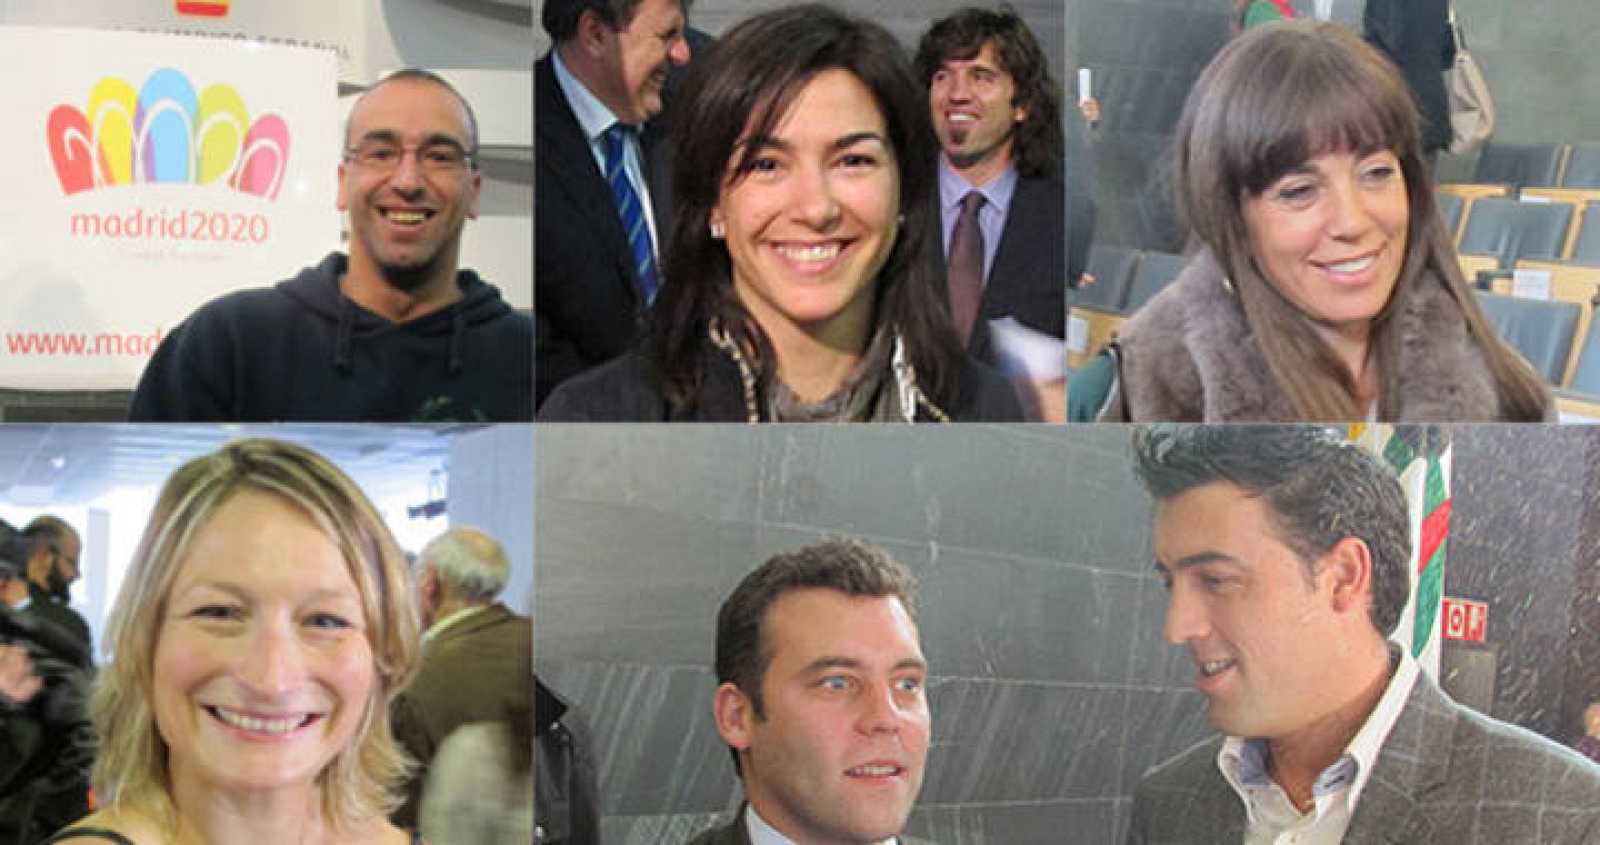 Los deportistas Llambi, Rienda, Coghen (arriba de izquierda a derecha), Álvarez, Carballo y Pirri (abajo de izquierda a derecha) apoyan la candidatura de Madrid 2020.